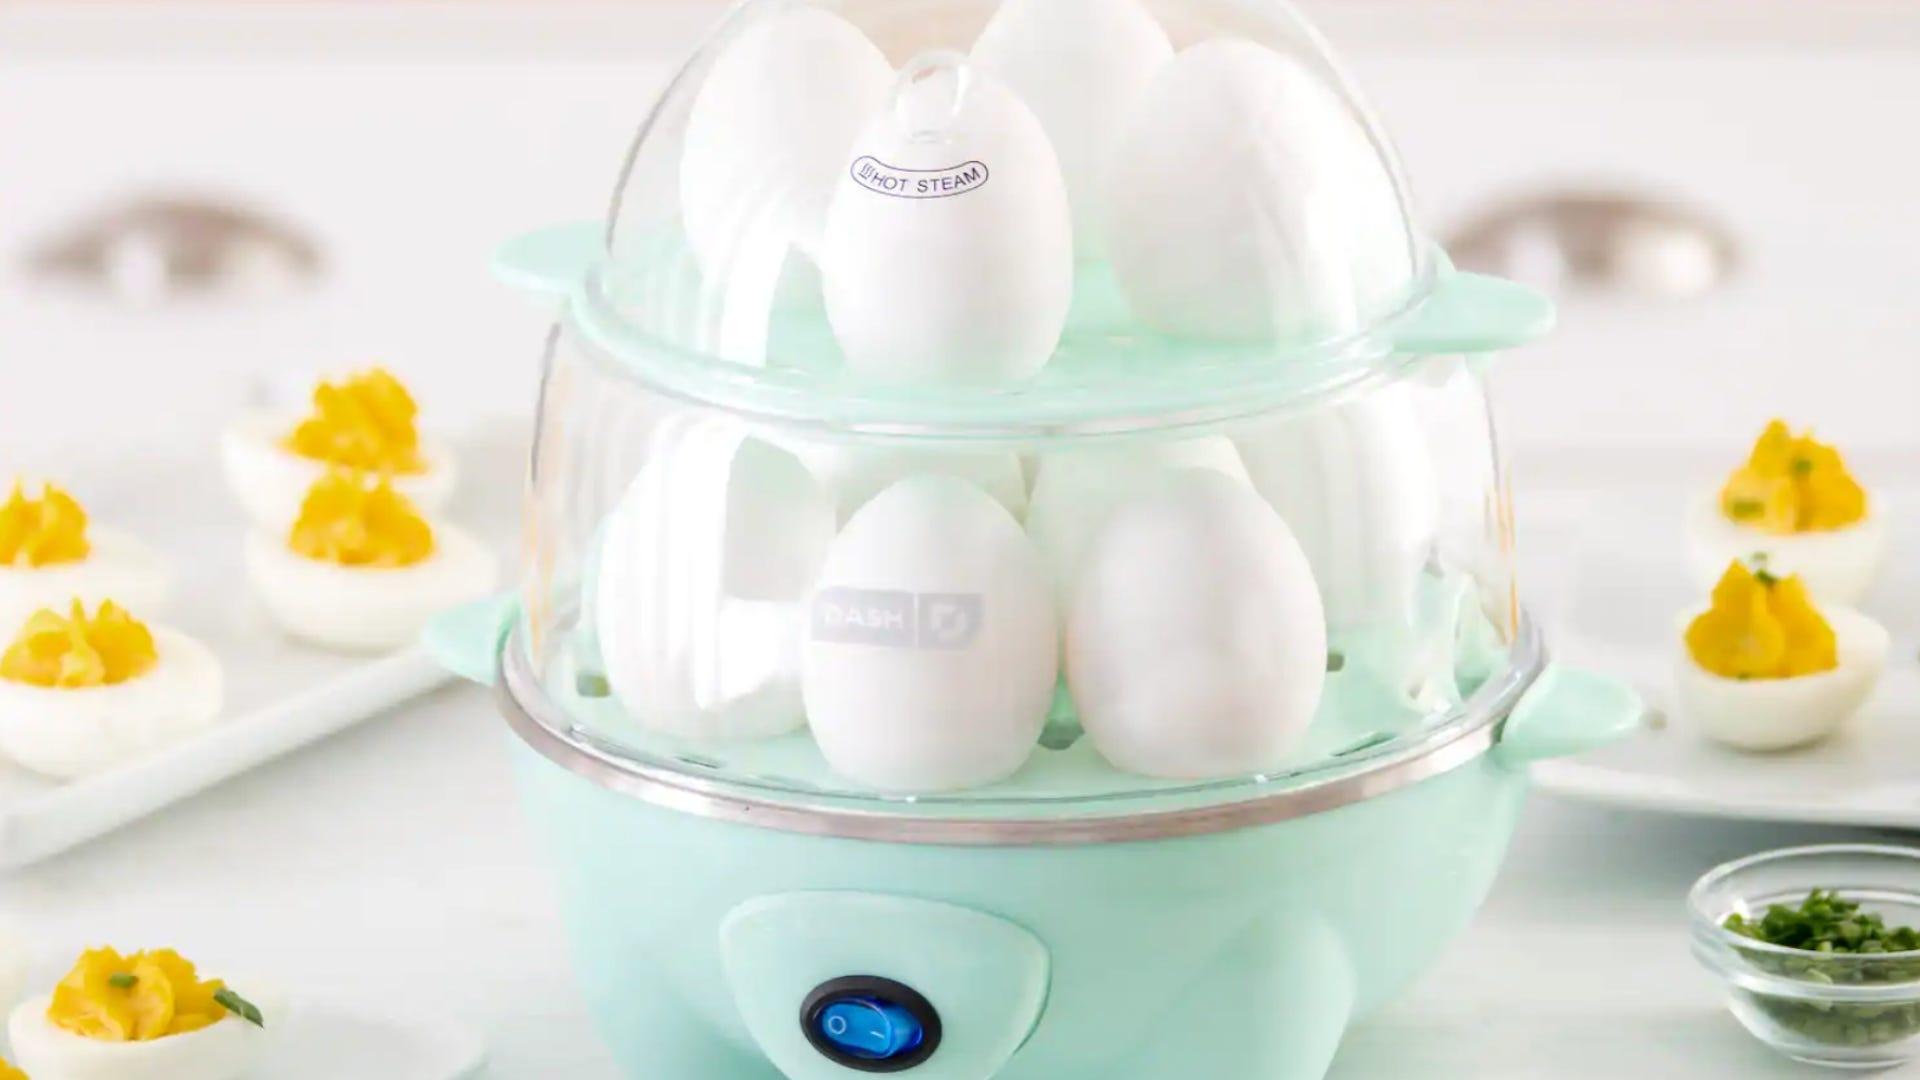 Double-decker egg cooker